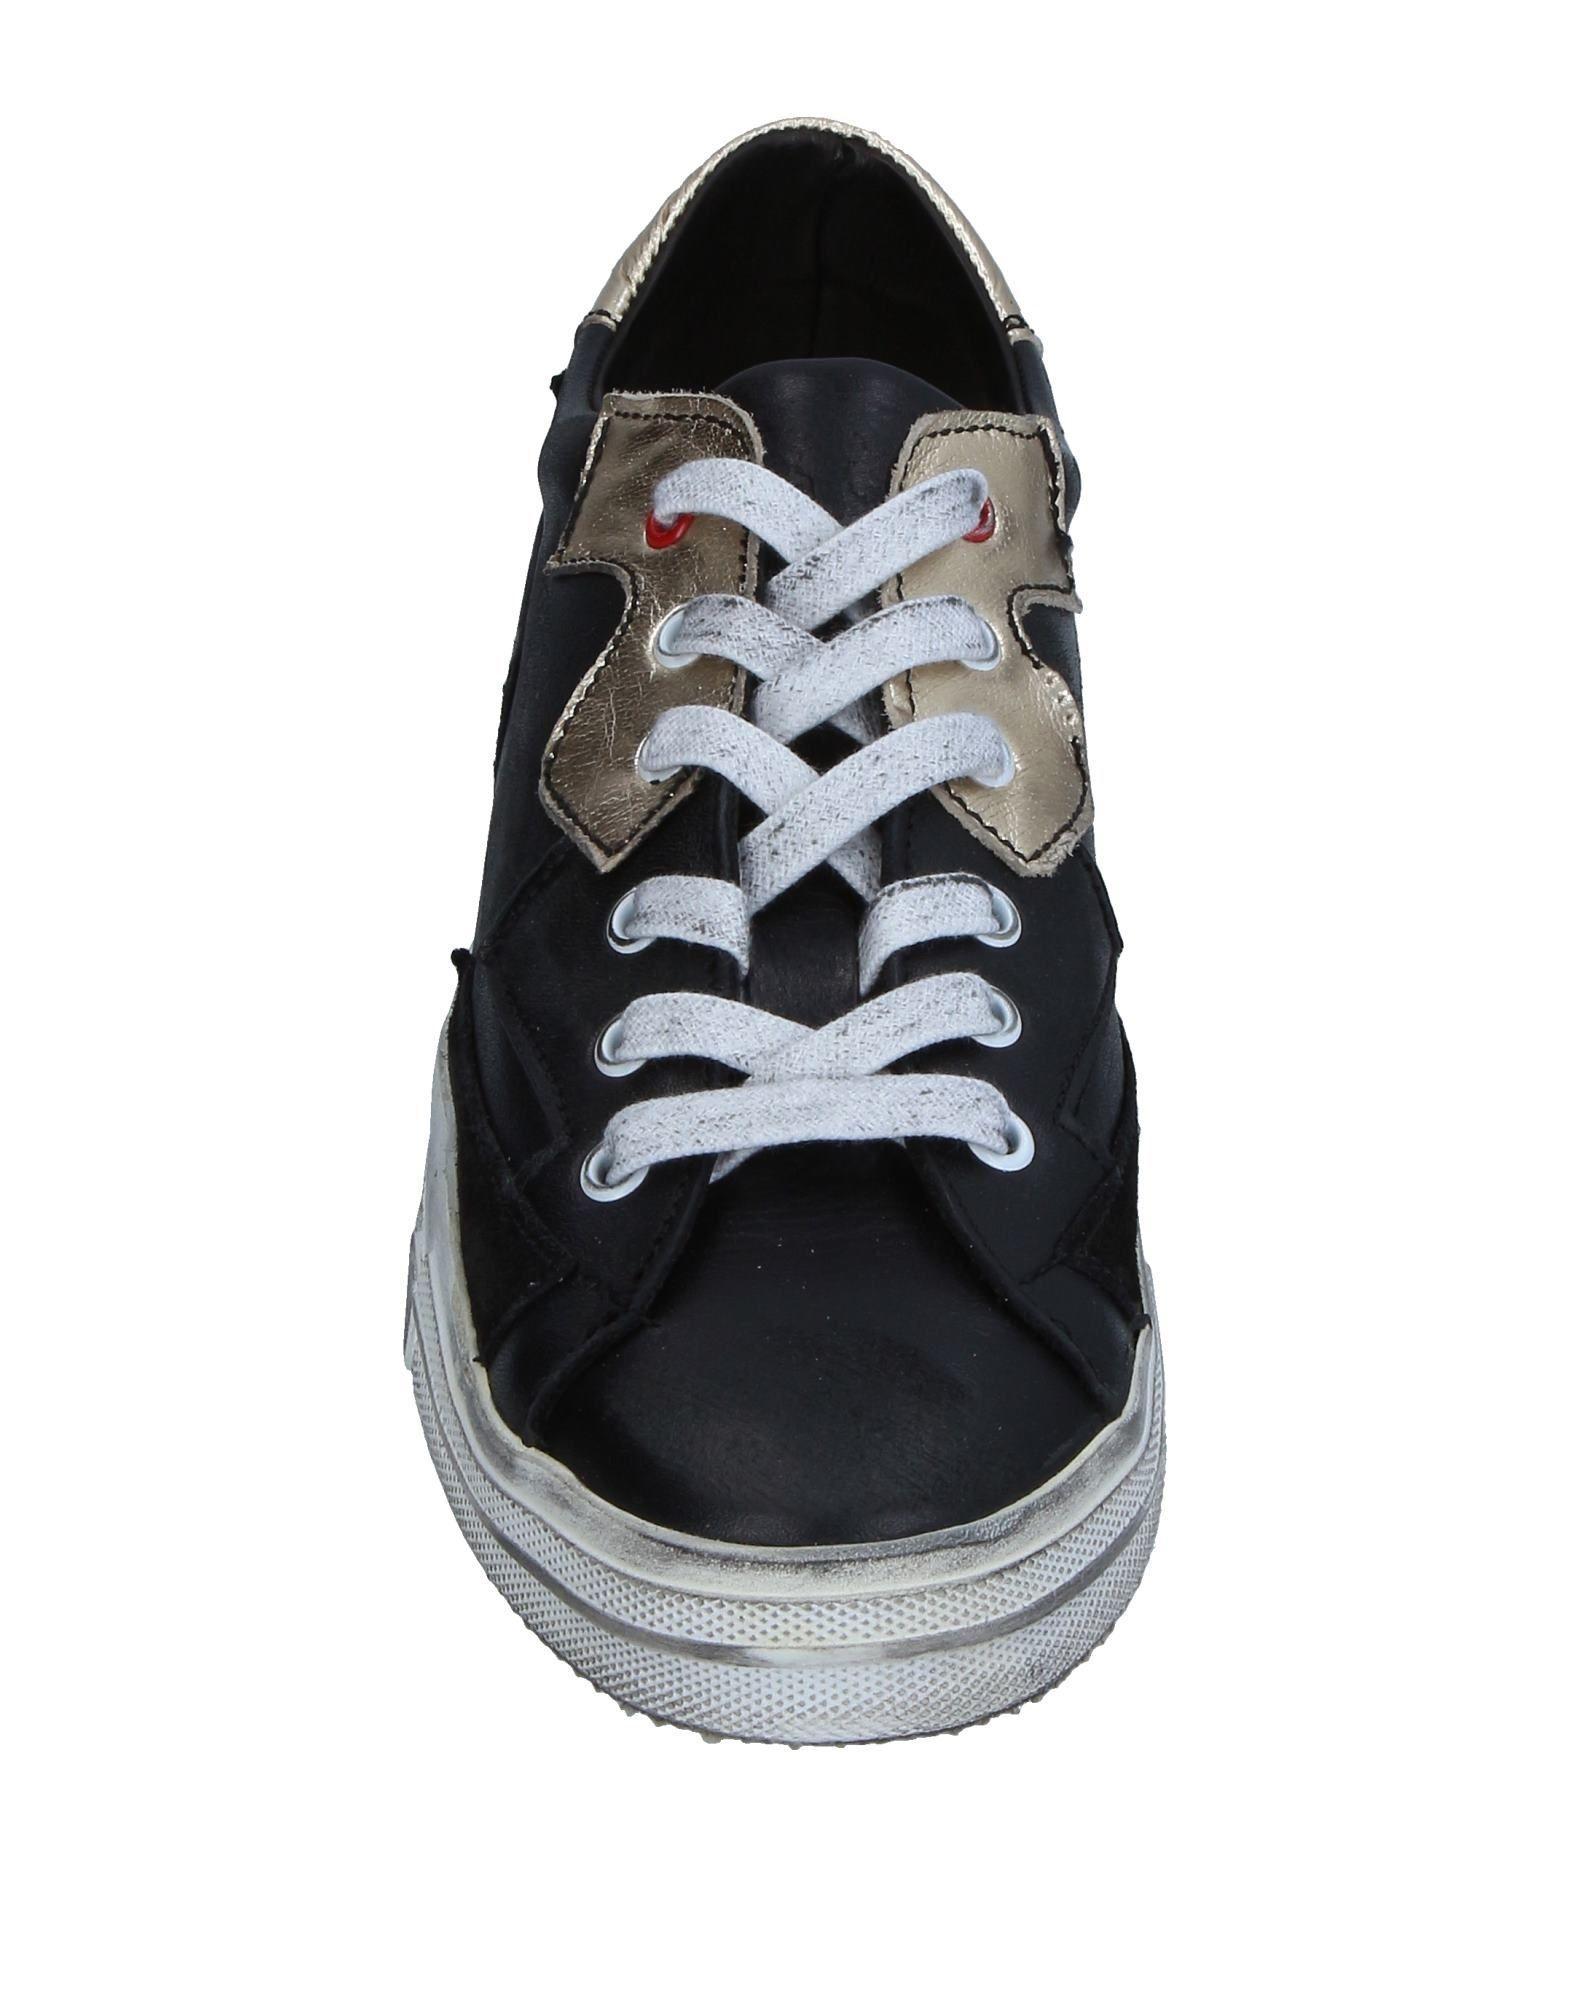 Rabatt Sneakers echte Schuhe Angelo Pallotta Sneakers Rabatt Herren  11333964MR 80c7f2